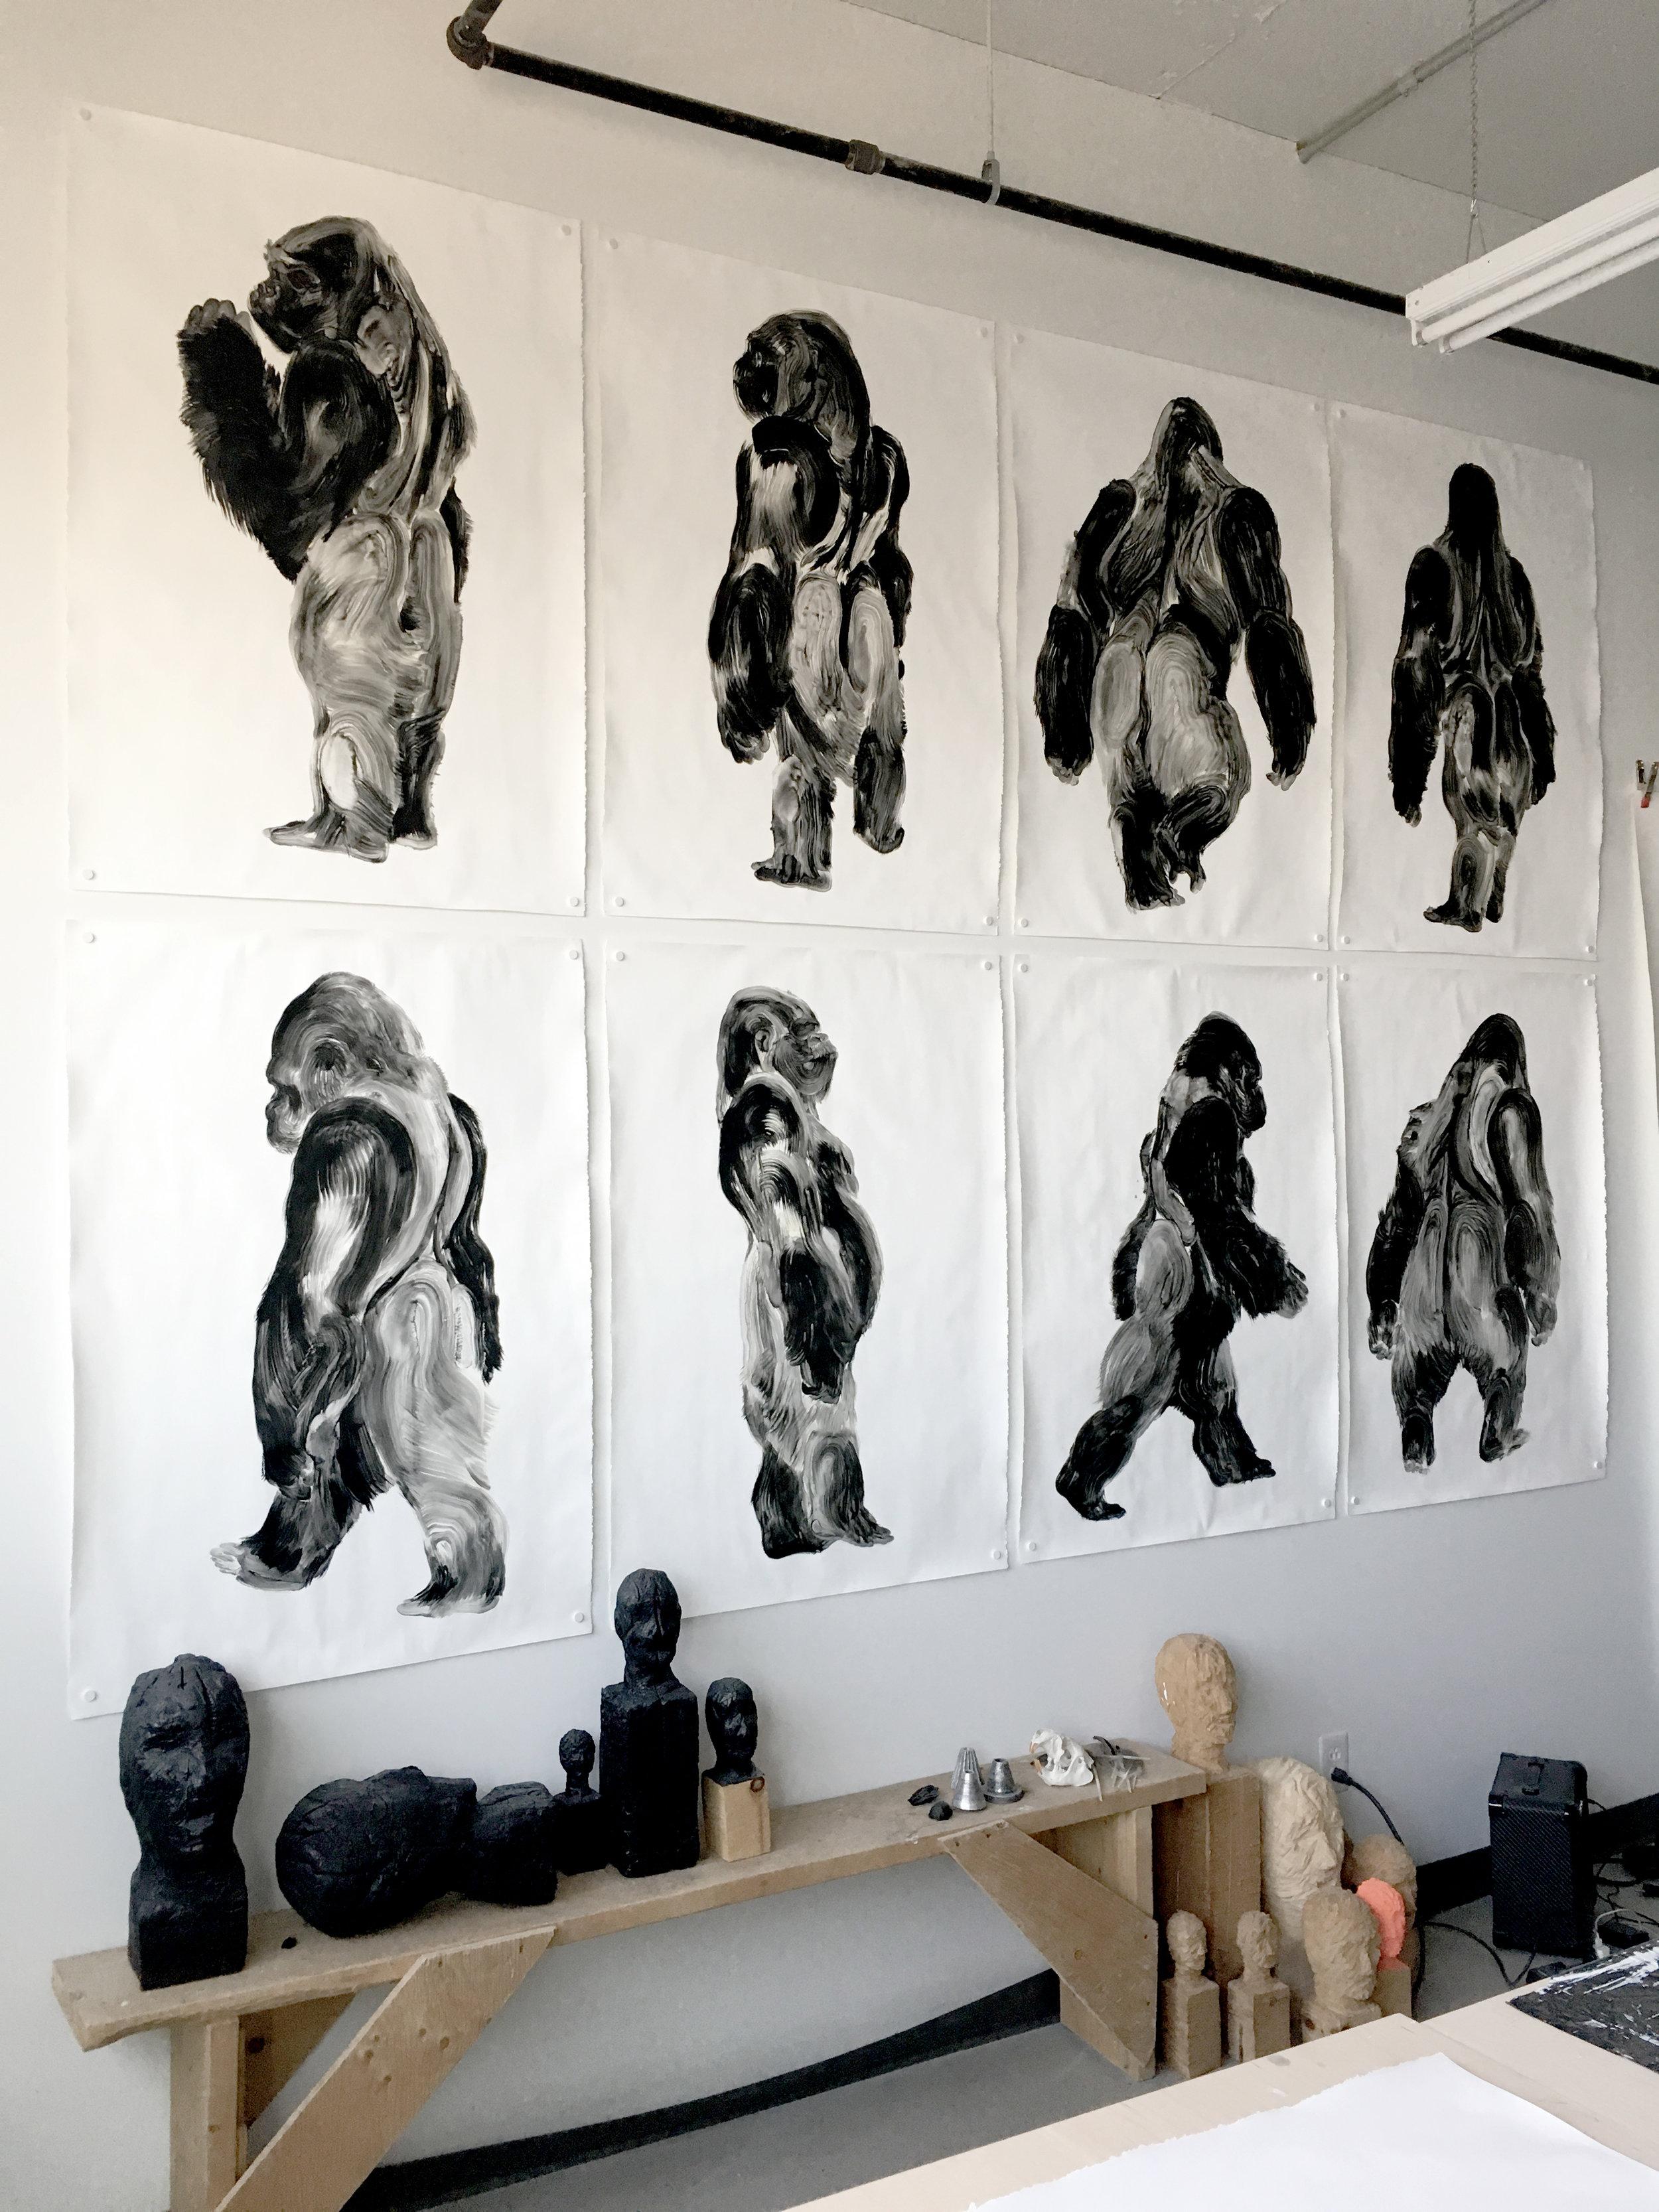 Série des gorilles, sculpture à la chainsaw  Atelier sur De Gaspé